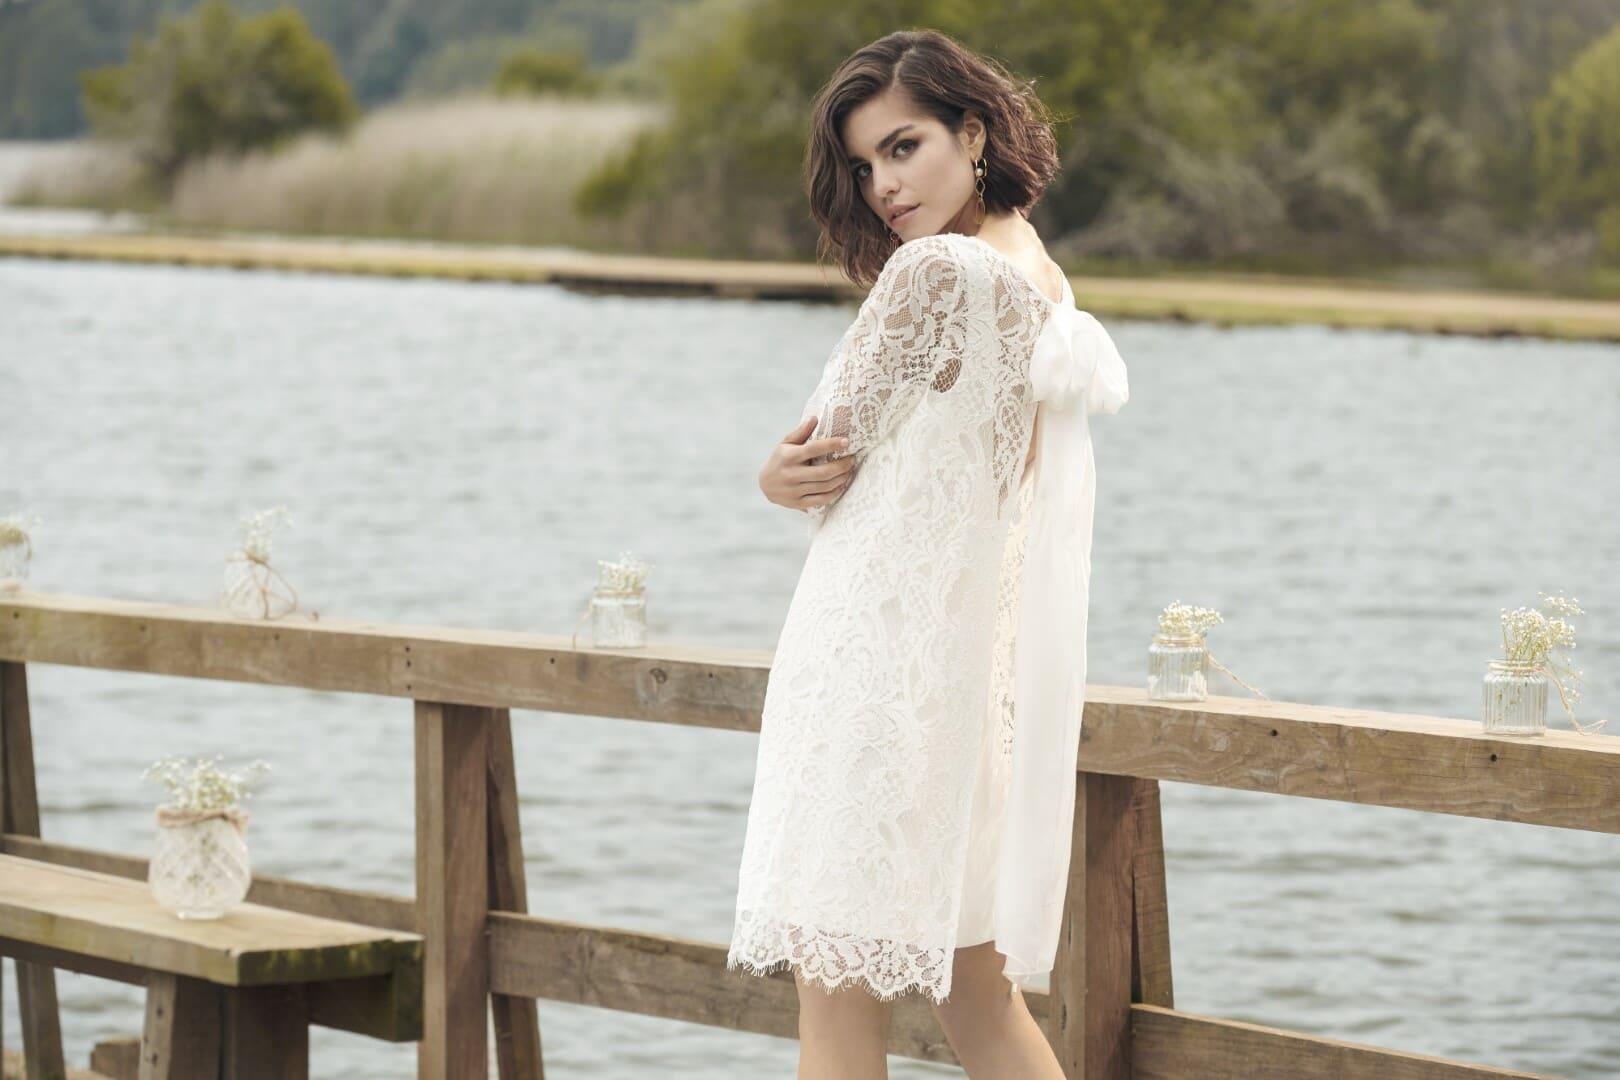 Kurze Brautkleider sind elegant und modern